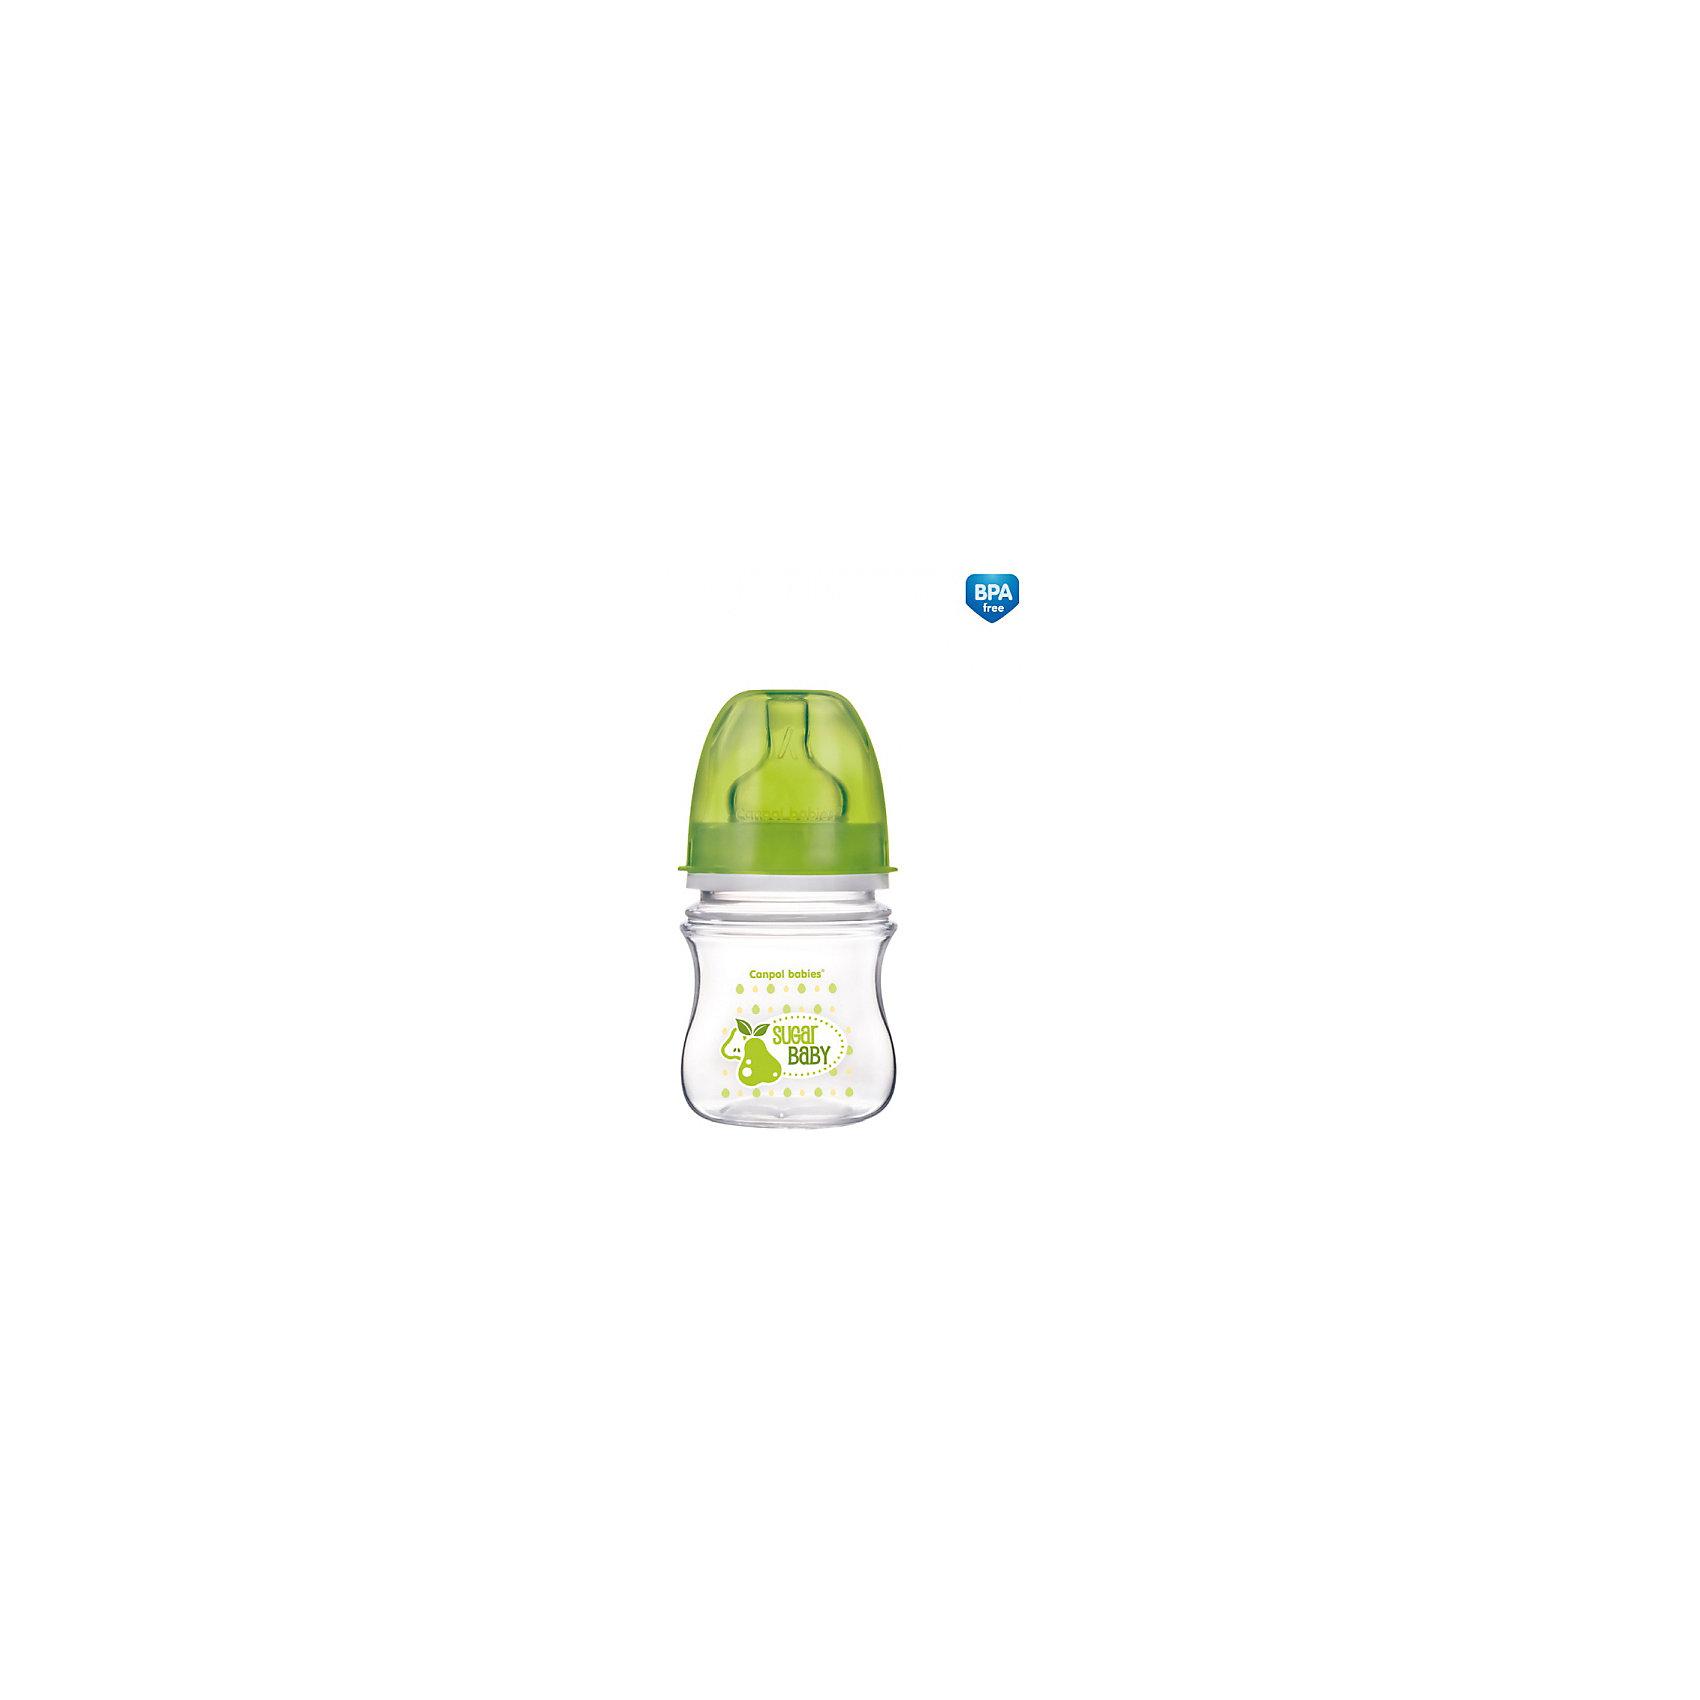 Антиколиковая бутылочка коллекция Фрукты, 120 мл, Canpol Babies, зеленый110 - 180 мл.<br>Антиколиковая бутылочка коллекции Фрукты, Canpol Babies (Канпол Бэбис), сделает кормление малыша еще более приятным и комфортным и поможет совмещать грудное вскармливание и кормление из бутылочки. Благодаря широкой соске, повторяющей форму материнской груди сосательные движения малыша будут такими же, как при кормлении грудью, что значительно снижает риск отказа от груди. Усовершенствованный воздухоотводящий клапан позволяет предотвратить заглатывание воздуха и сокращает риск возникновение колик. Соска с медленным потоком контролирует поток молока, почти как при грудном кормлении, что помогает сократить риск переедания. <br><br>Бутылочка изготовлена на японском оборудовании из высококачественного полипропилена нового поколения. Имеет современный привлекательный дизайн и эргономичную форму, ее очень удобно держать даже малышу. Благодаря широкому горлышку, бутылочку легко мыть и наполнять питанием. На стенке имеется мерная шкала, позволяющая точно рассчитать необходимое количество питания. <br><br>Дополнительная информация:<br><br>- Цвет: зеленый.<br>- Материал: полипропилен (бутылочка), силикон (соска).<br>- Объем бутылочки: 120 мл.<br>- Возраст: с 3 мес.<br>- Размер бутылочки: 17,5 х 6,3 х 6,5 см.<br>- Вес: 91 гр.<br><br>Антиколиковую бутылочку коллекция Фрукты, 120 мл., Canpol Babies (Канпол Бэбис), зеленый, можно купить в нашем интернет-магазине.<br><br>Ширина мм: 65<br>Глубина мм: 63<br>Высота мм: 175<br>Вес г: 91<br>Цвет: зеленый<br>Возраст от месяцев: 0<br>Возраст до месяцев: 3<br>Пол: Унисекс<br>Возраст: Детский<br>SKU: 4341850